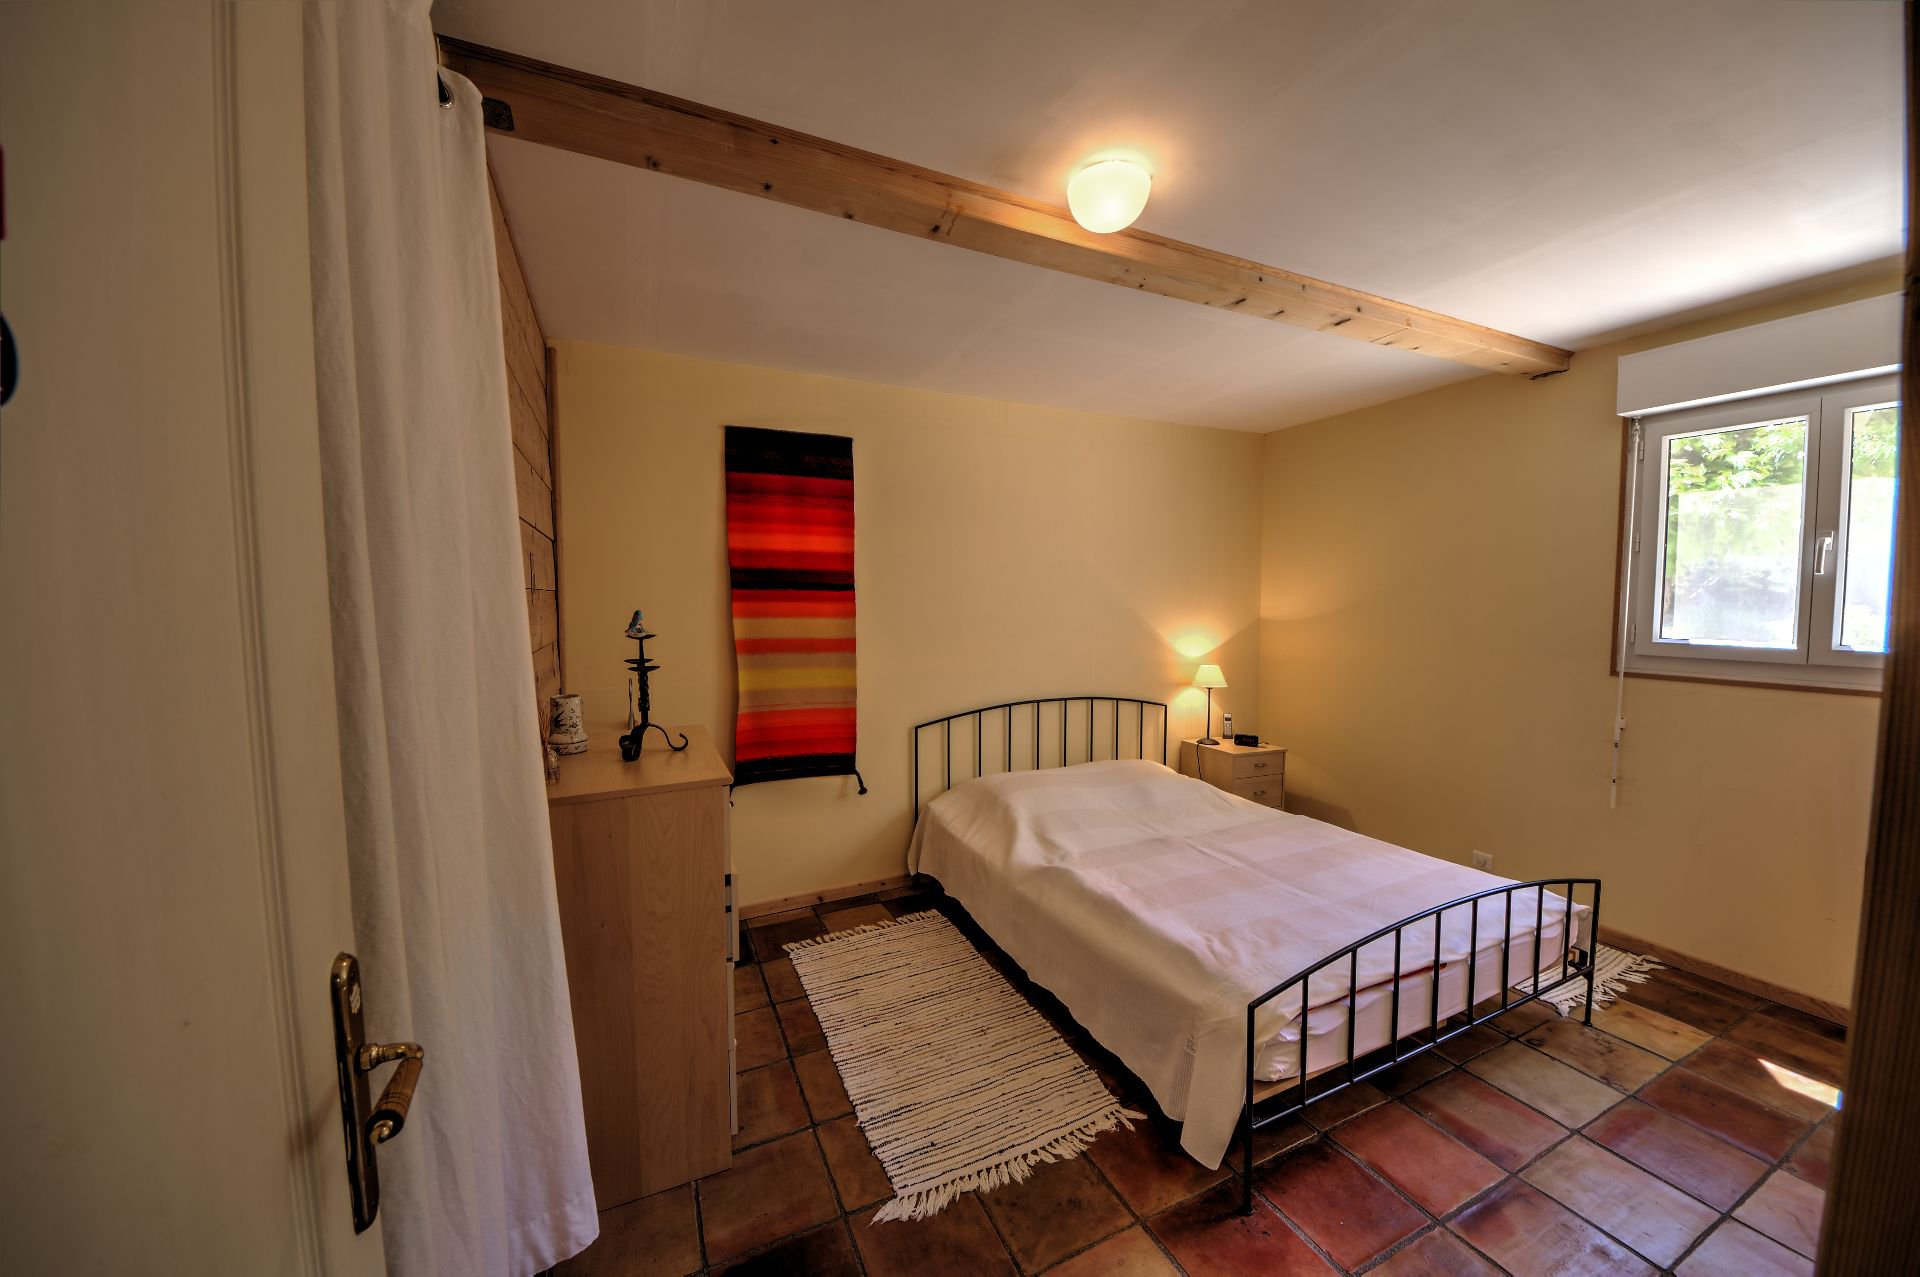 Chambre 1 rdc de Maison à ossature bois HPE, 180 m², 5 ch, piscine, Aups, Var, Provence, Paca